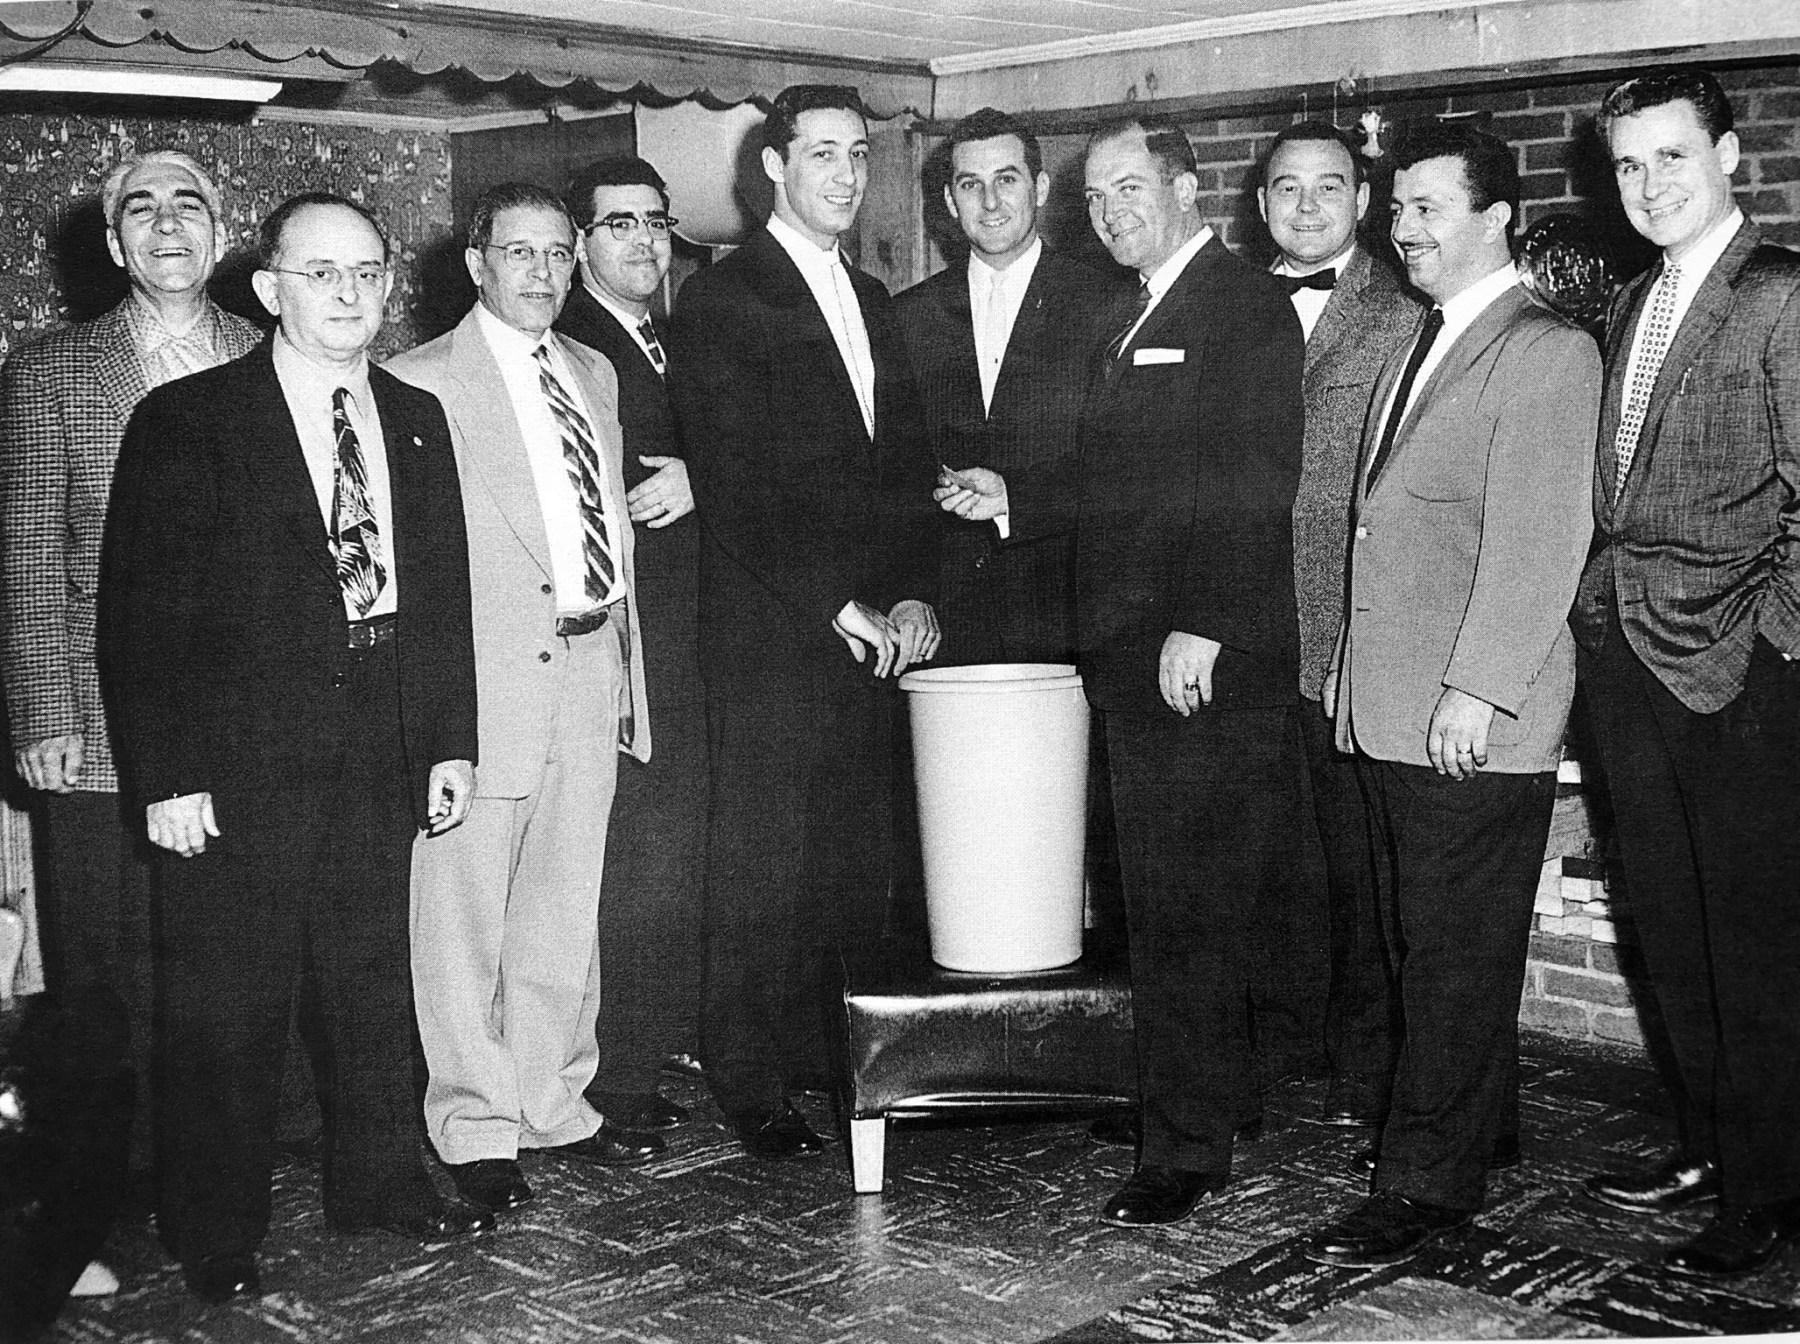 Barber Association 1960